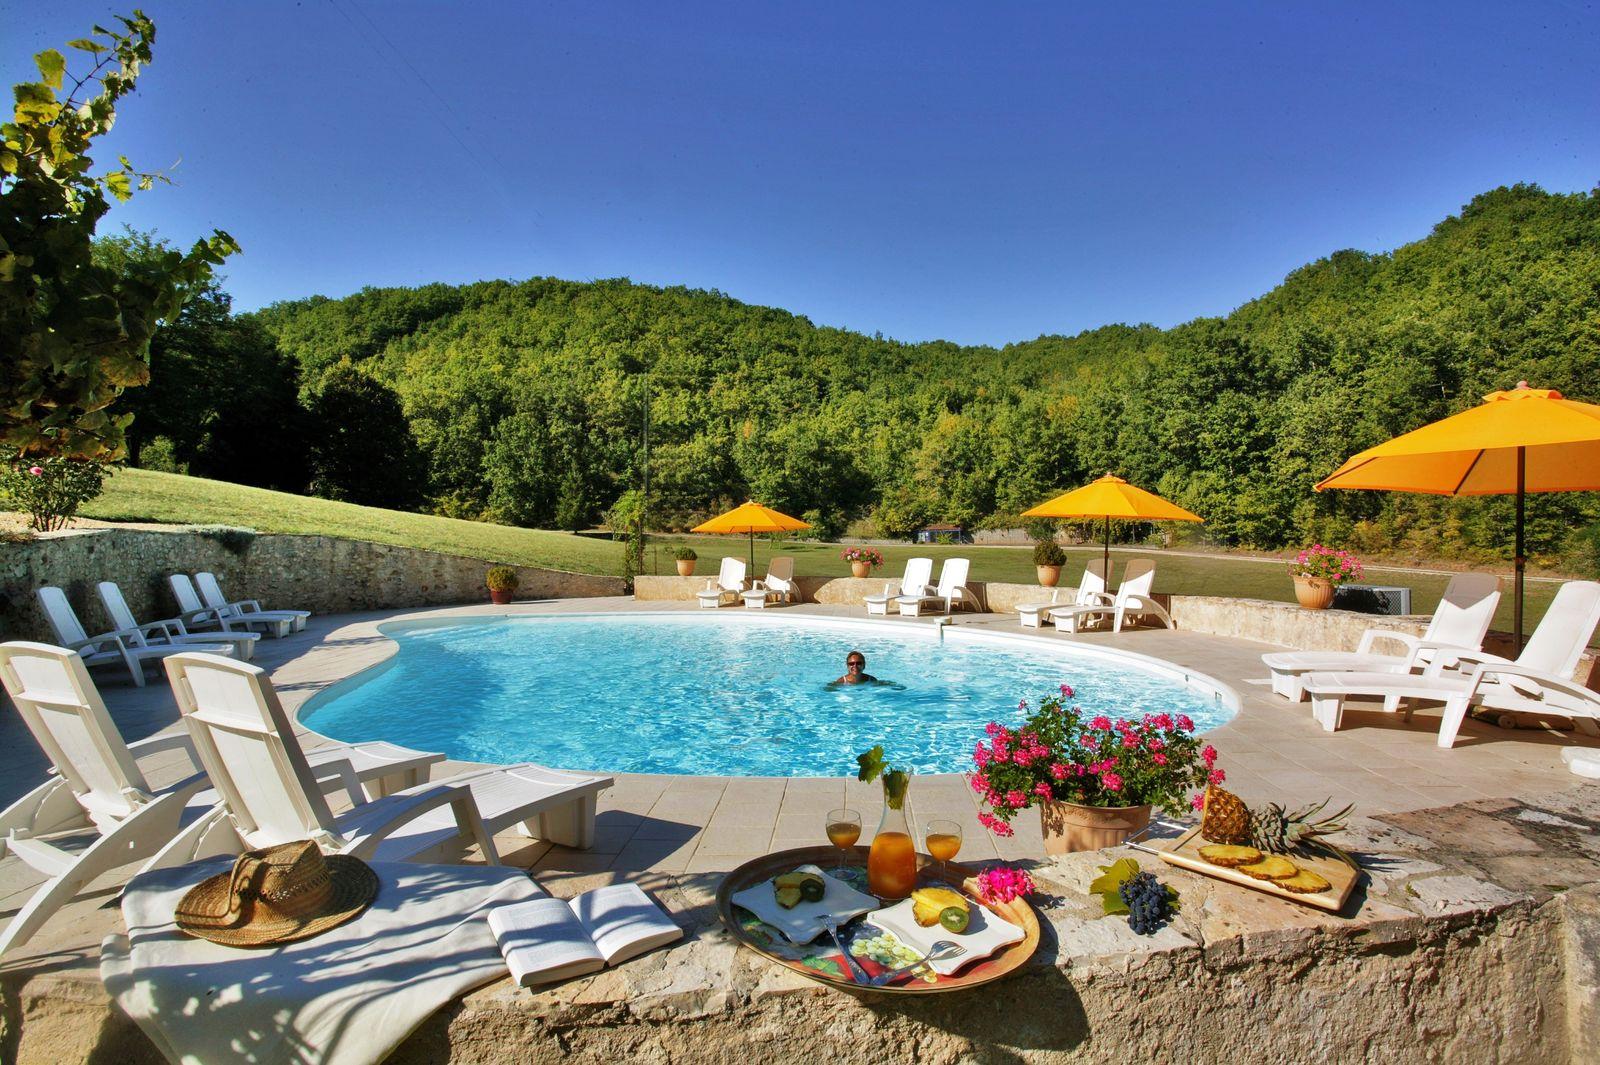 Afbeelding van La Nouvelle Source - Henry vakantiehuis Dordogne, Frankrijk